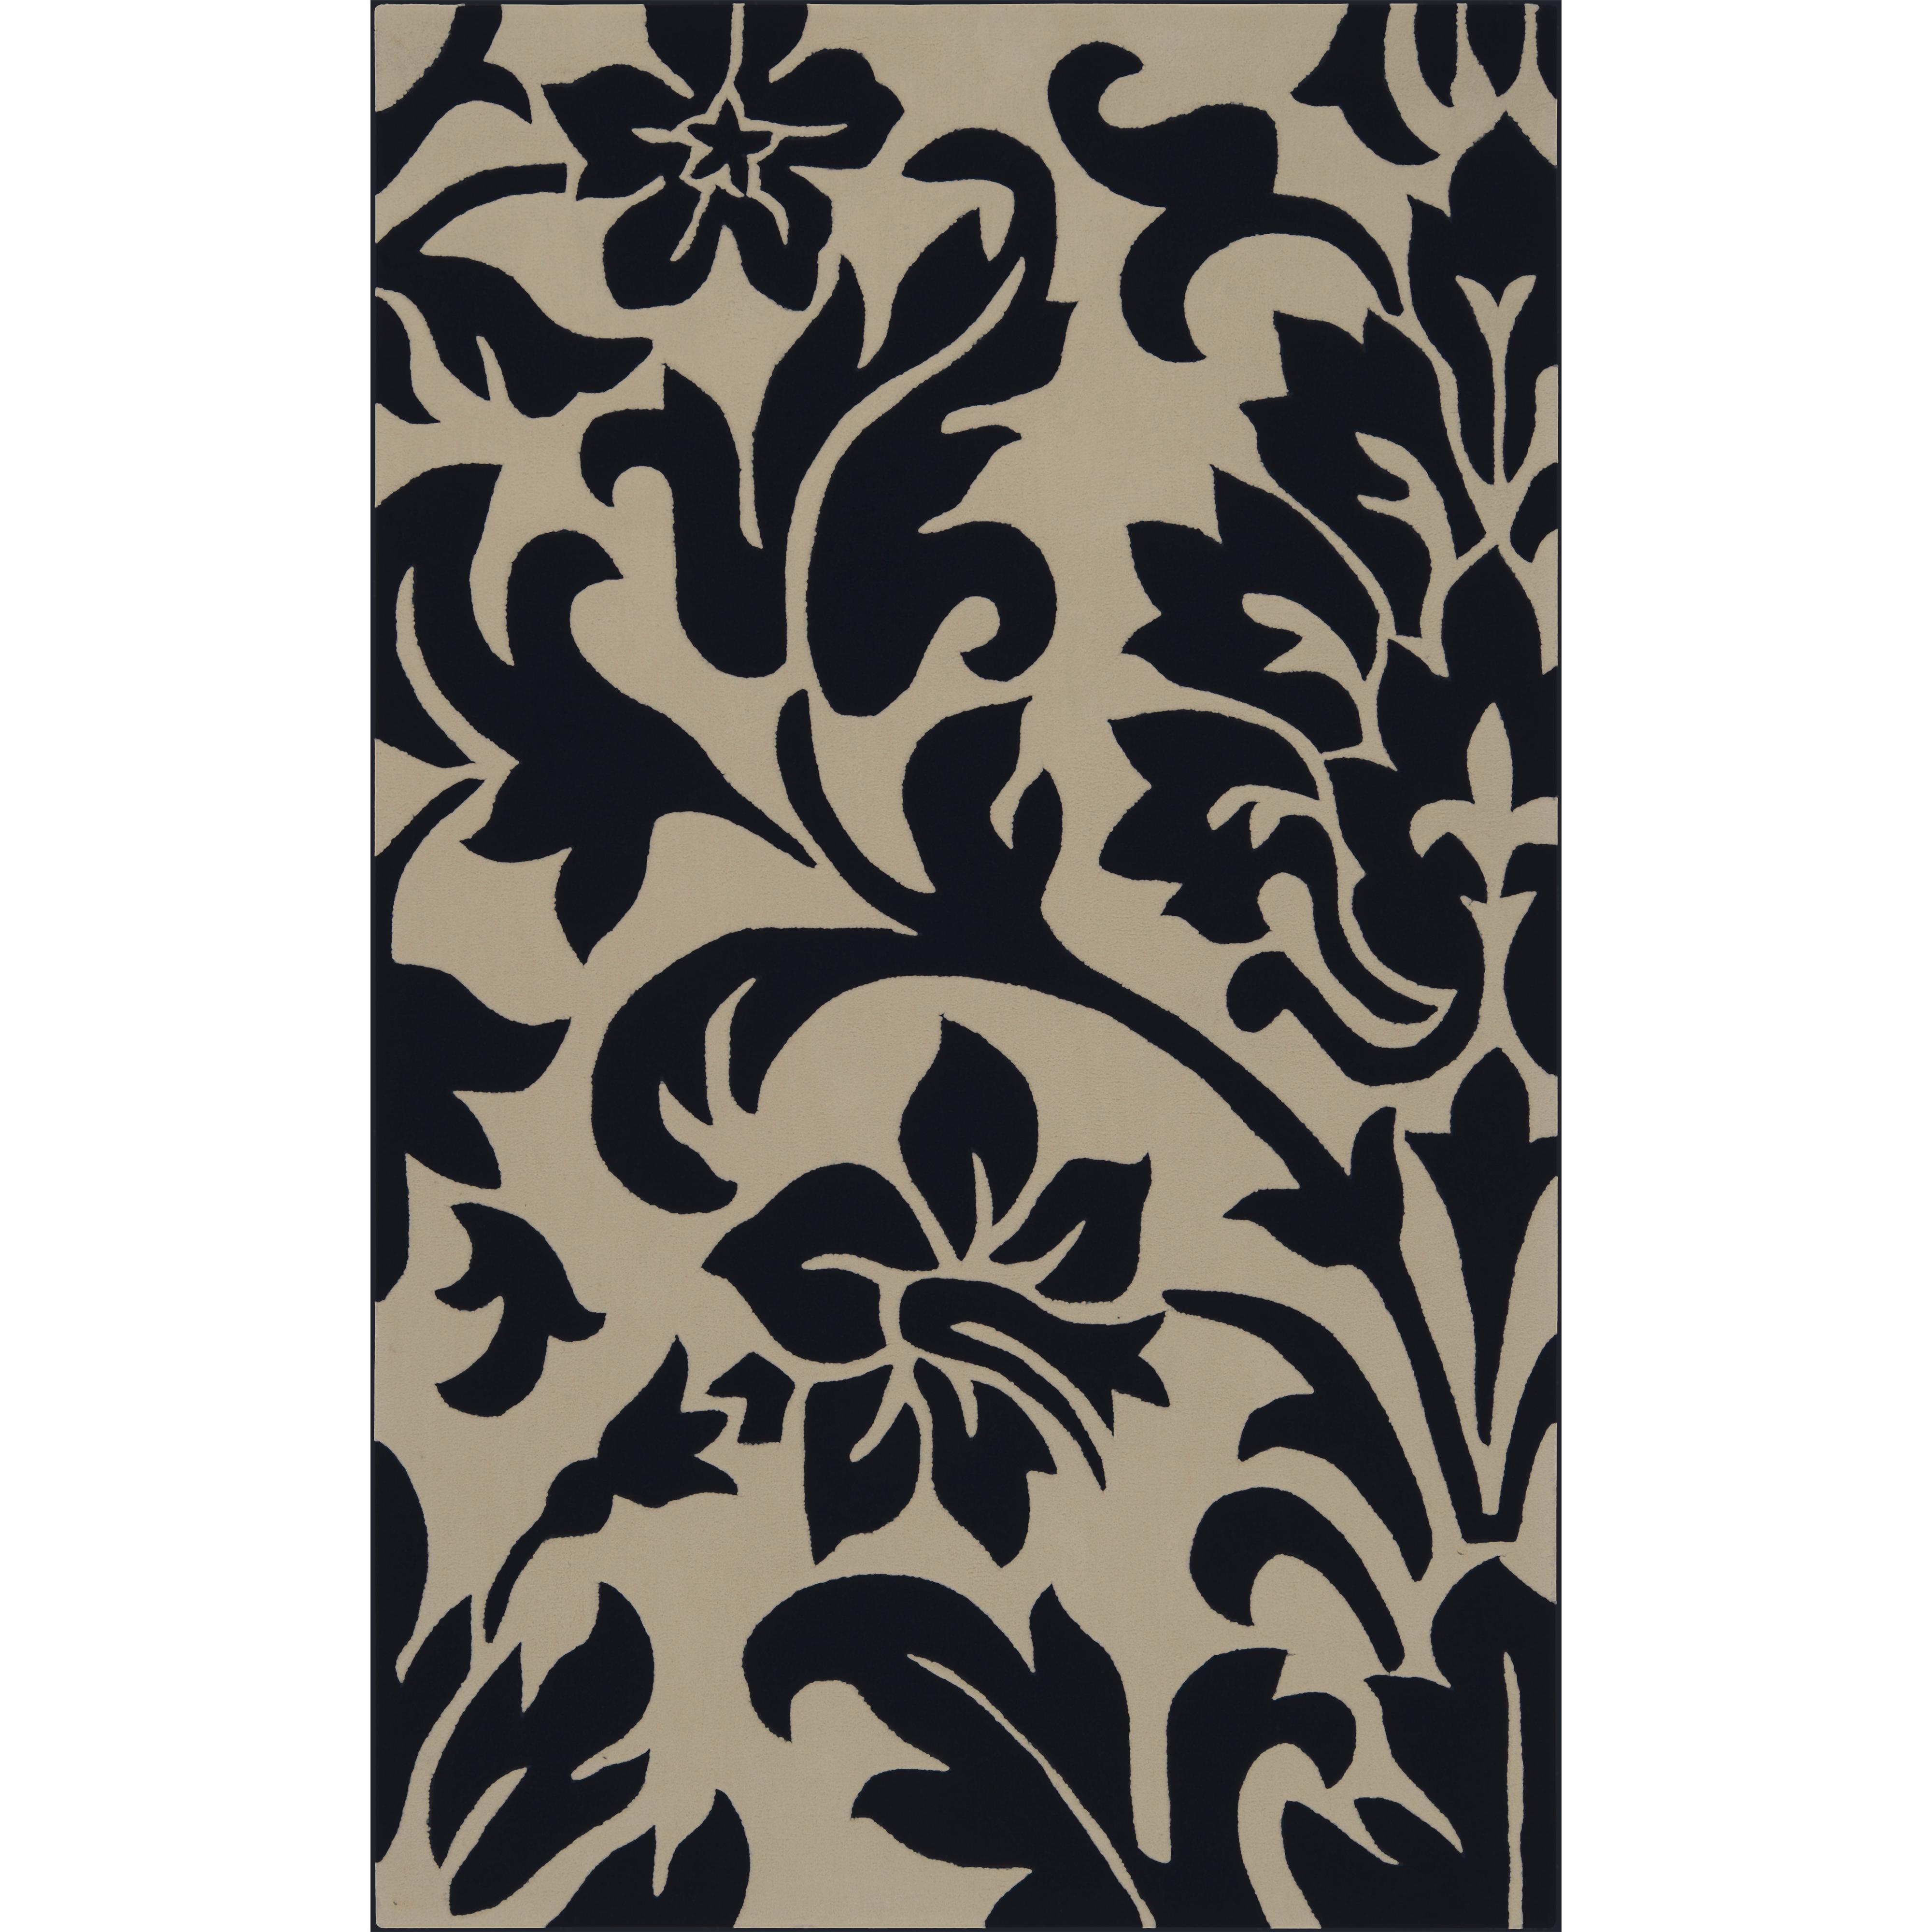 Surya Rugs Cosmopolitan 8' x 11' - Item Number: COS9194-811